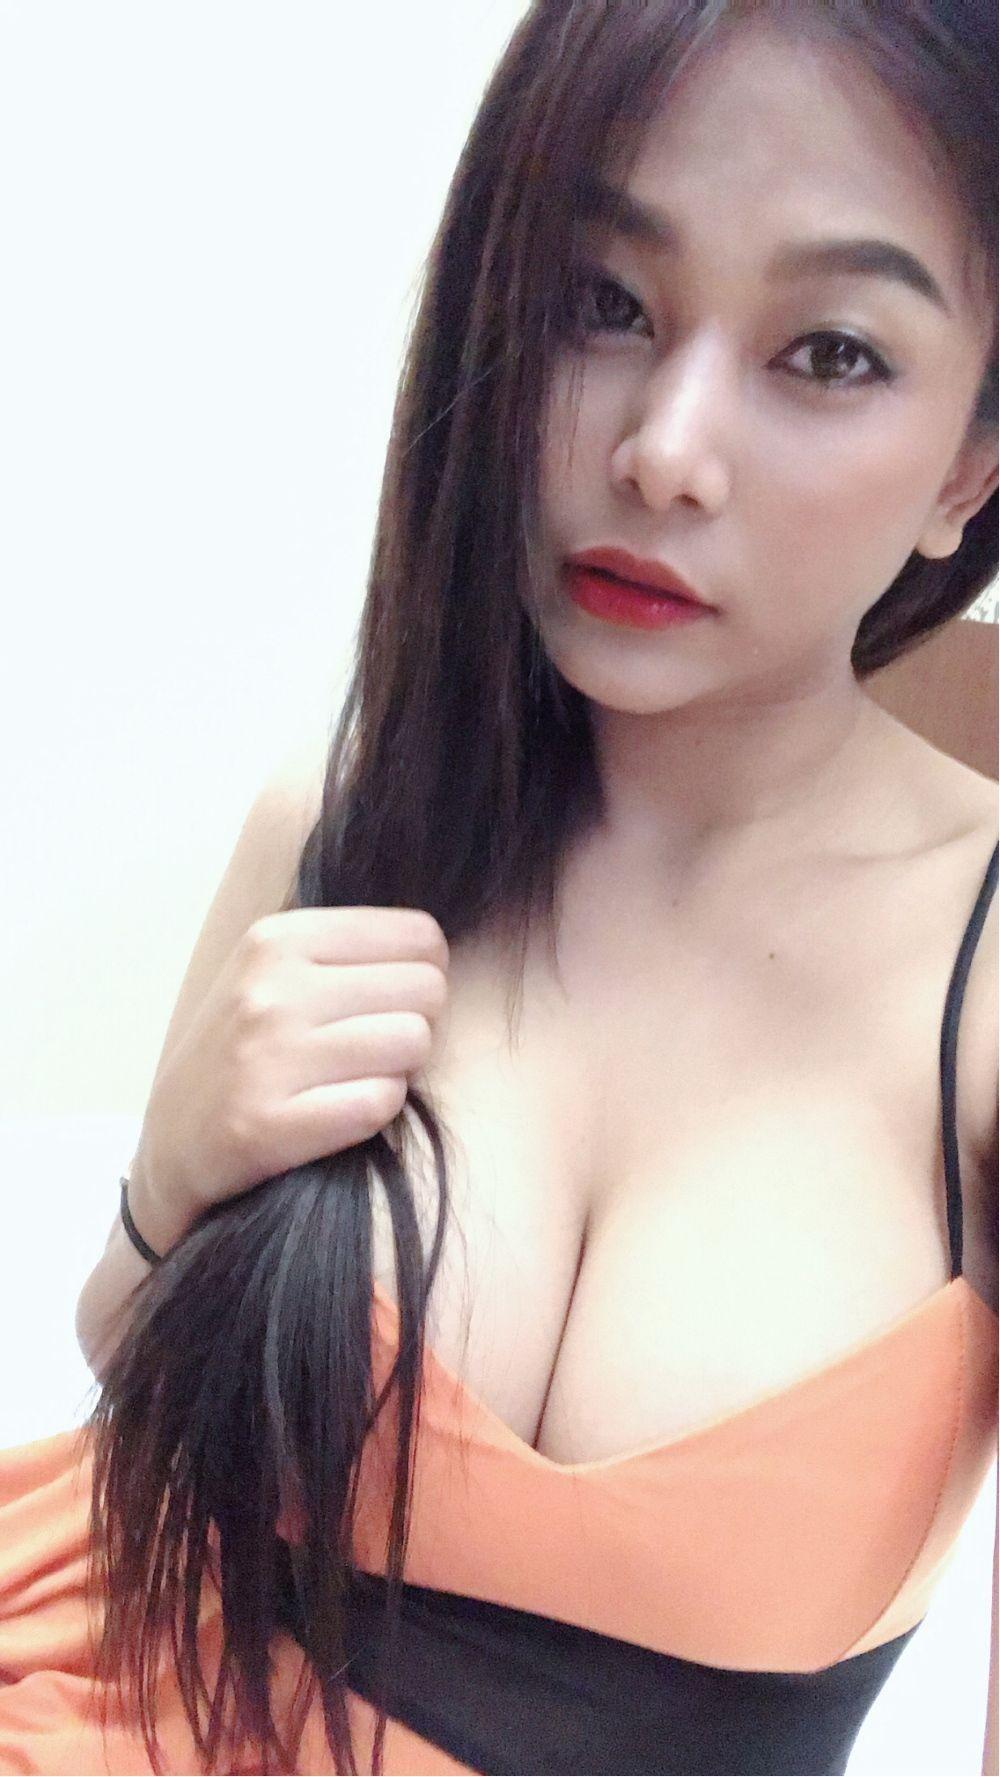 Arisa from Ambers International